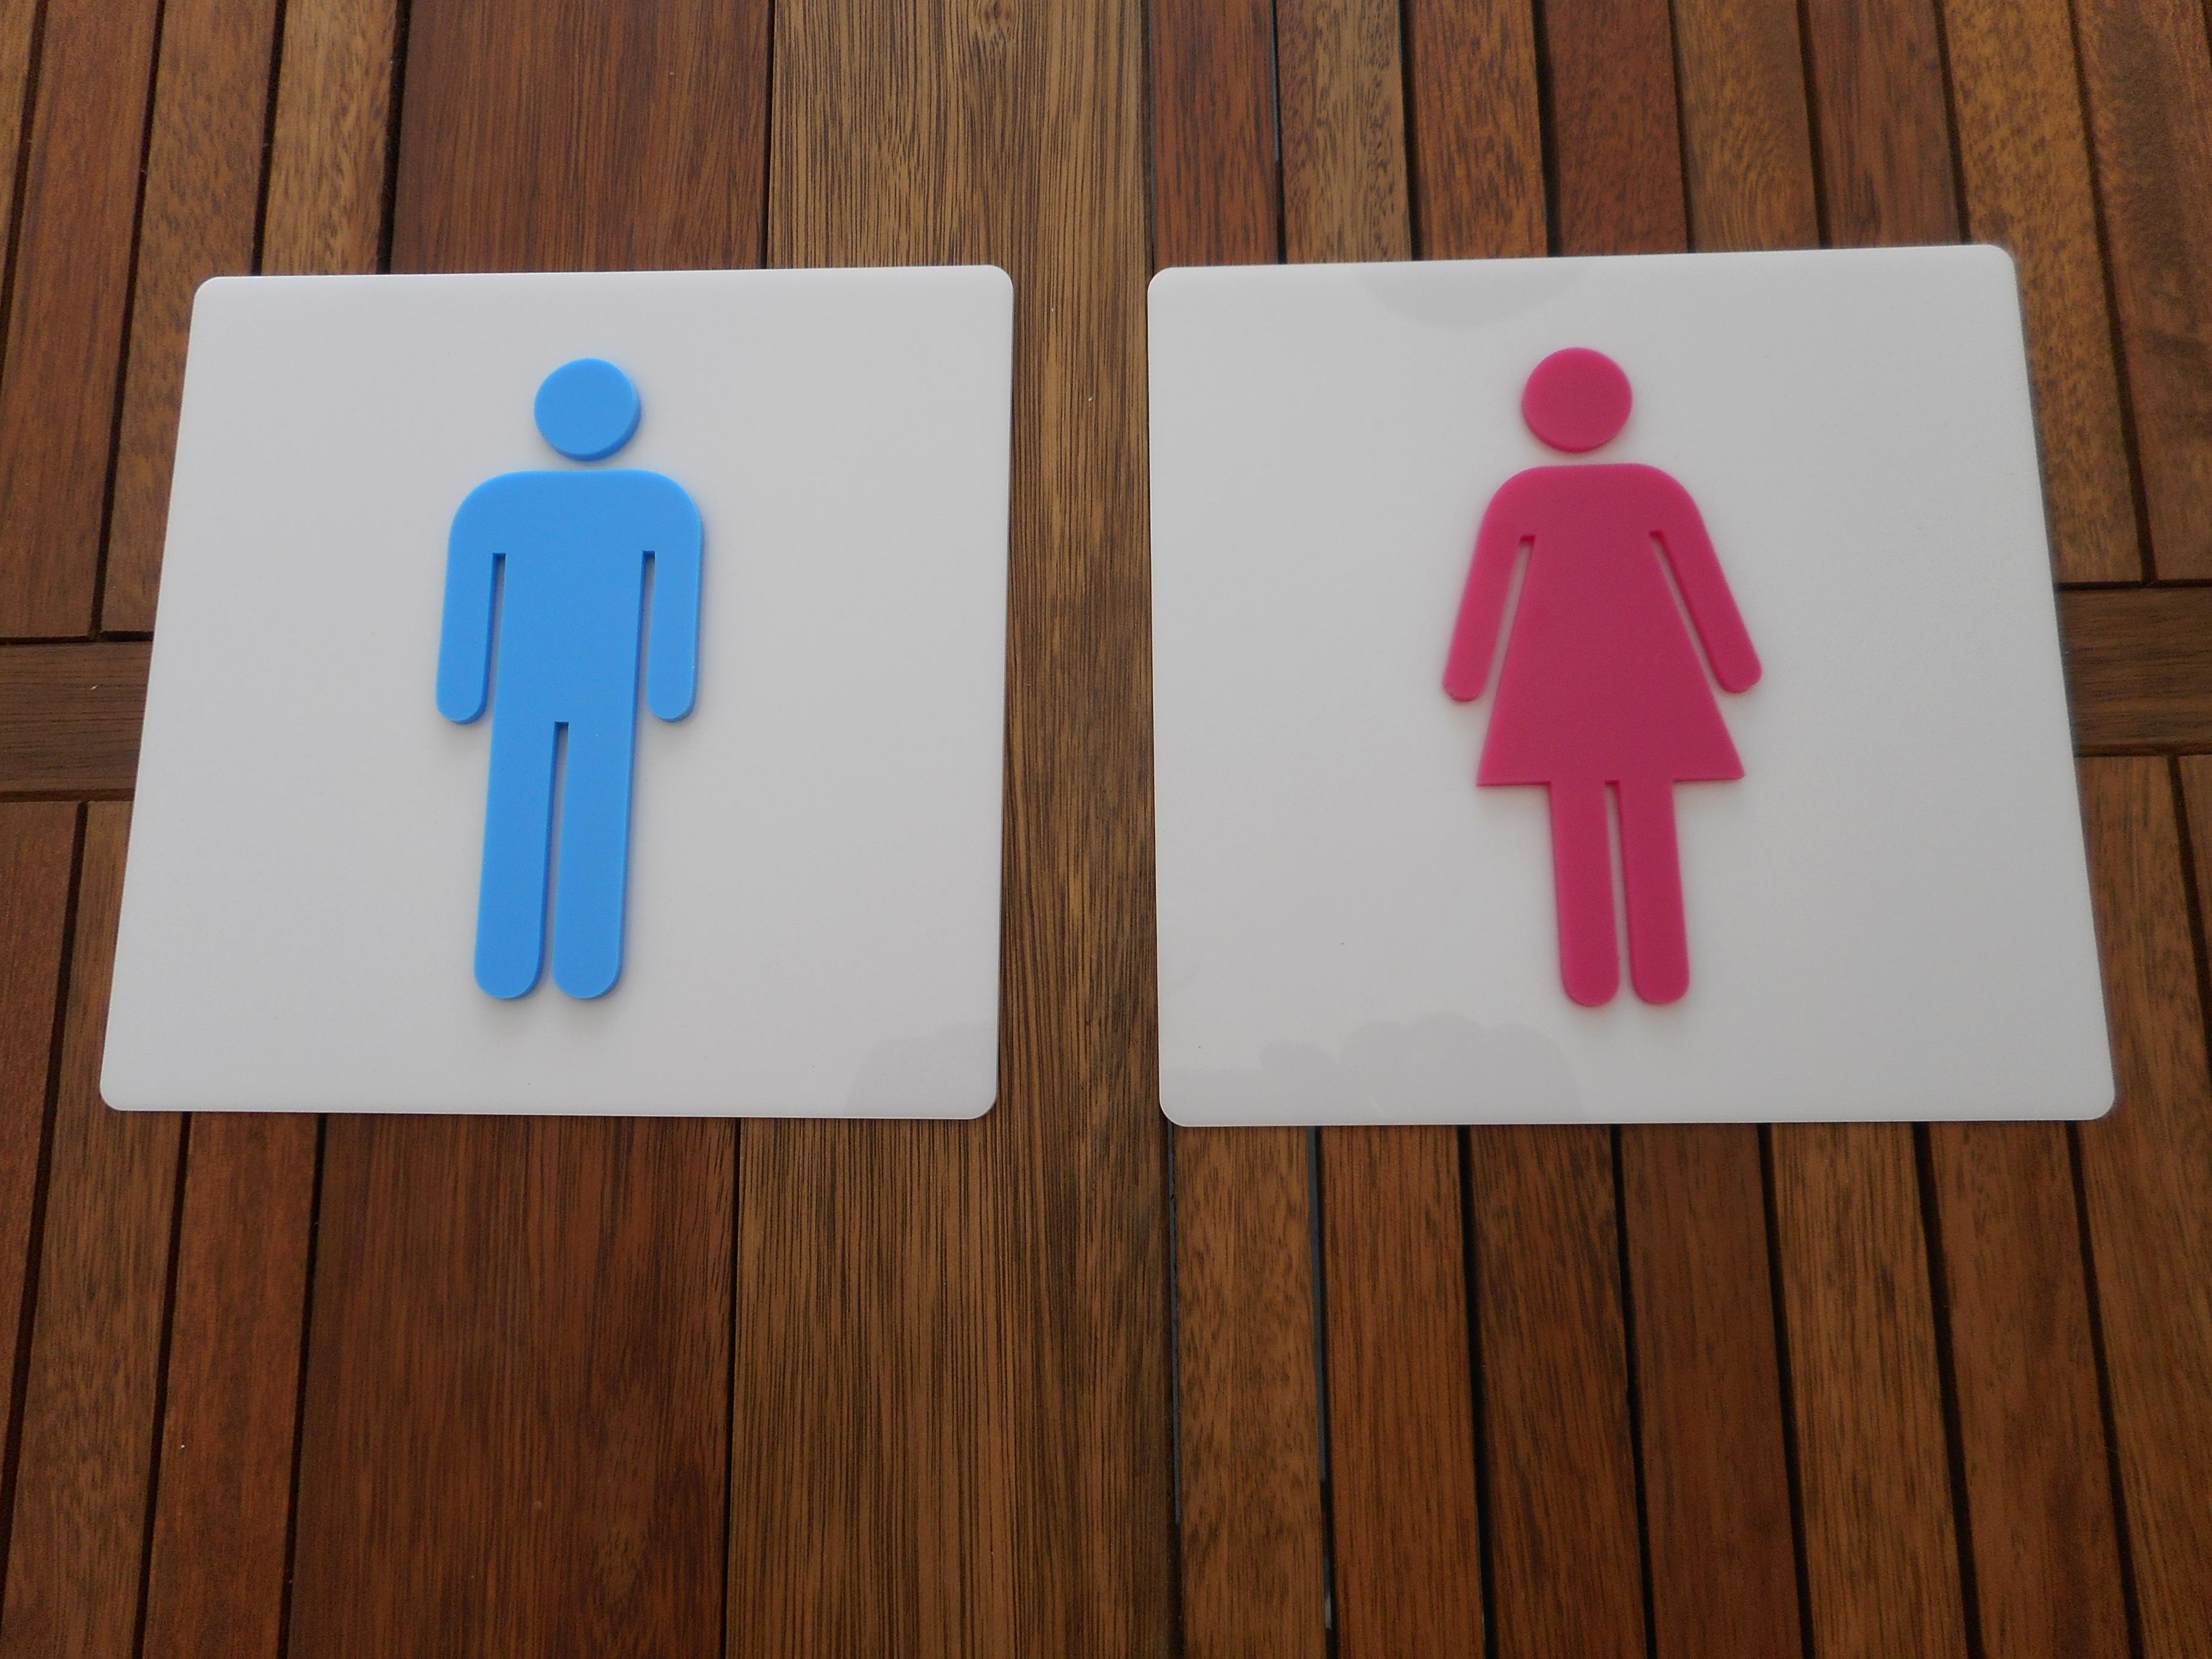 Par Placa Banheiro Masculino Feminino  Visual Laser  Elo7 -> Boneco Banheiro Feminino